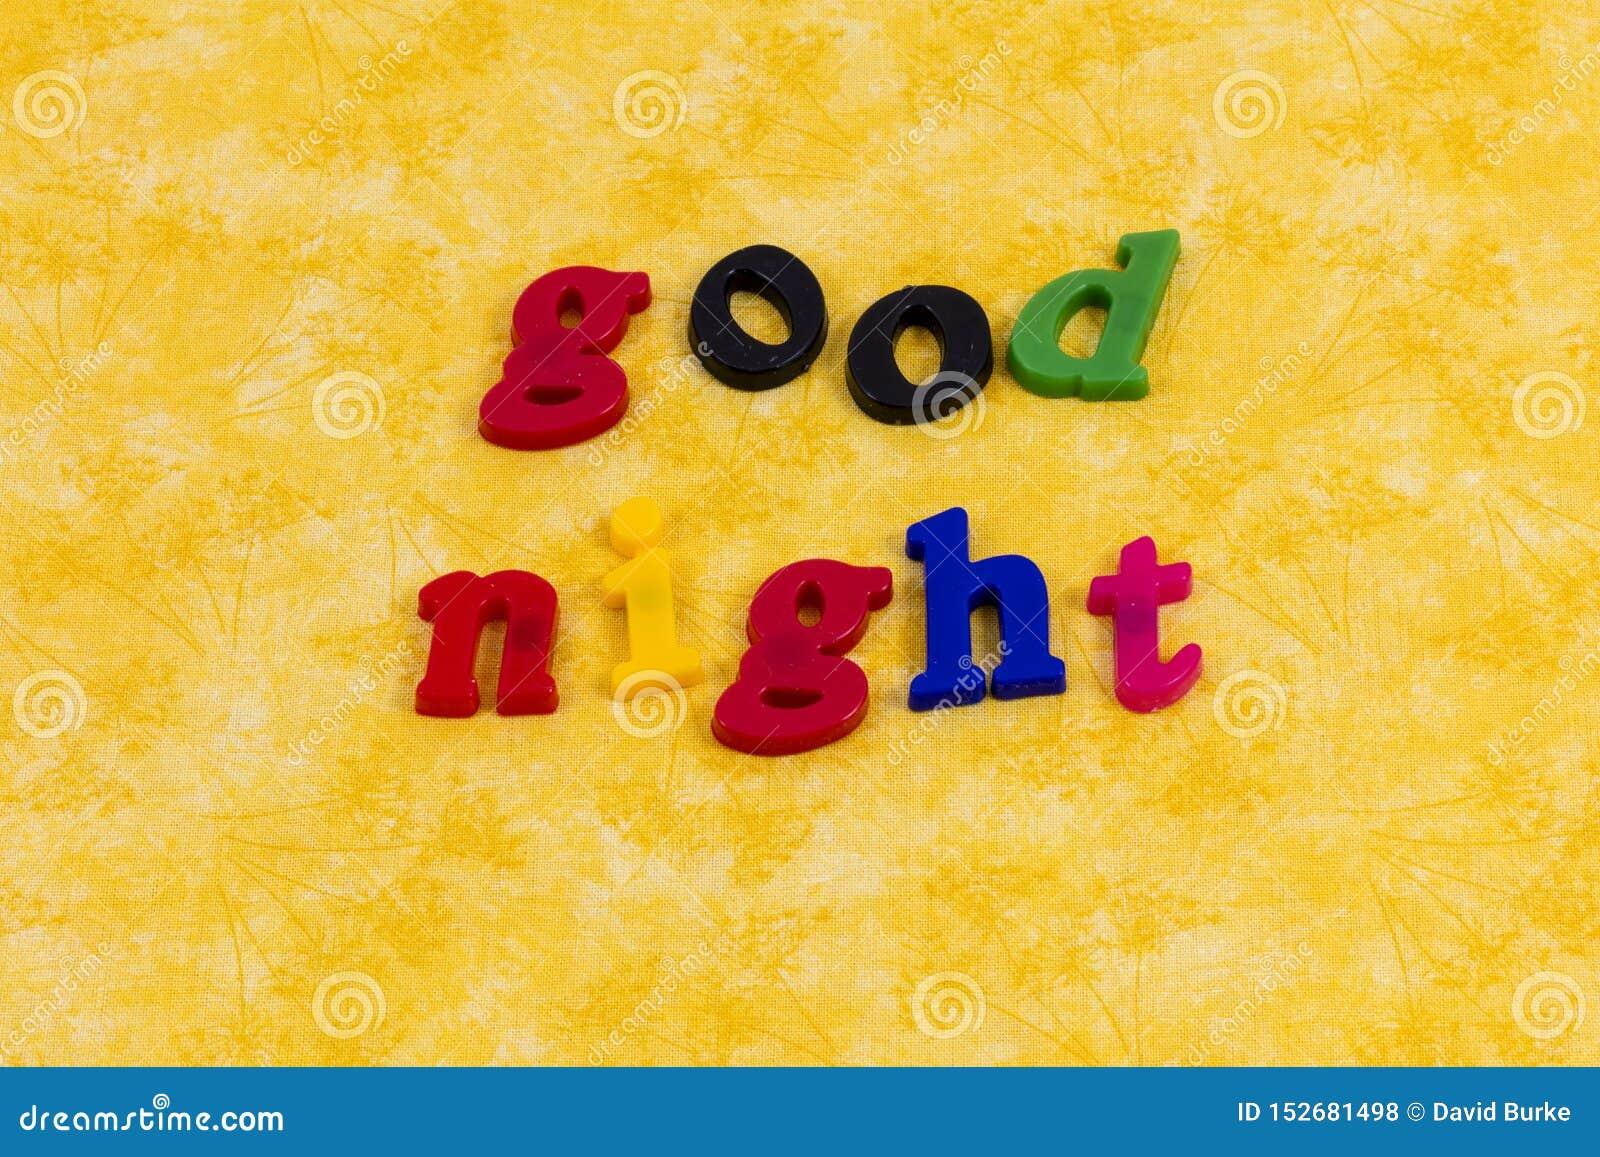 Good night morning love greeting children bedtime story